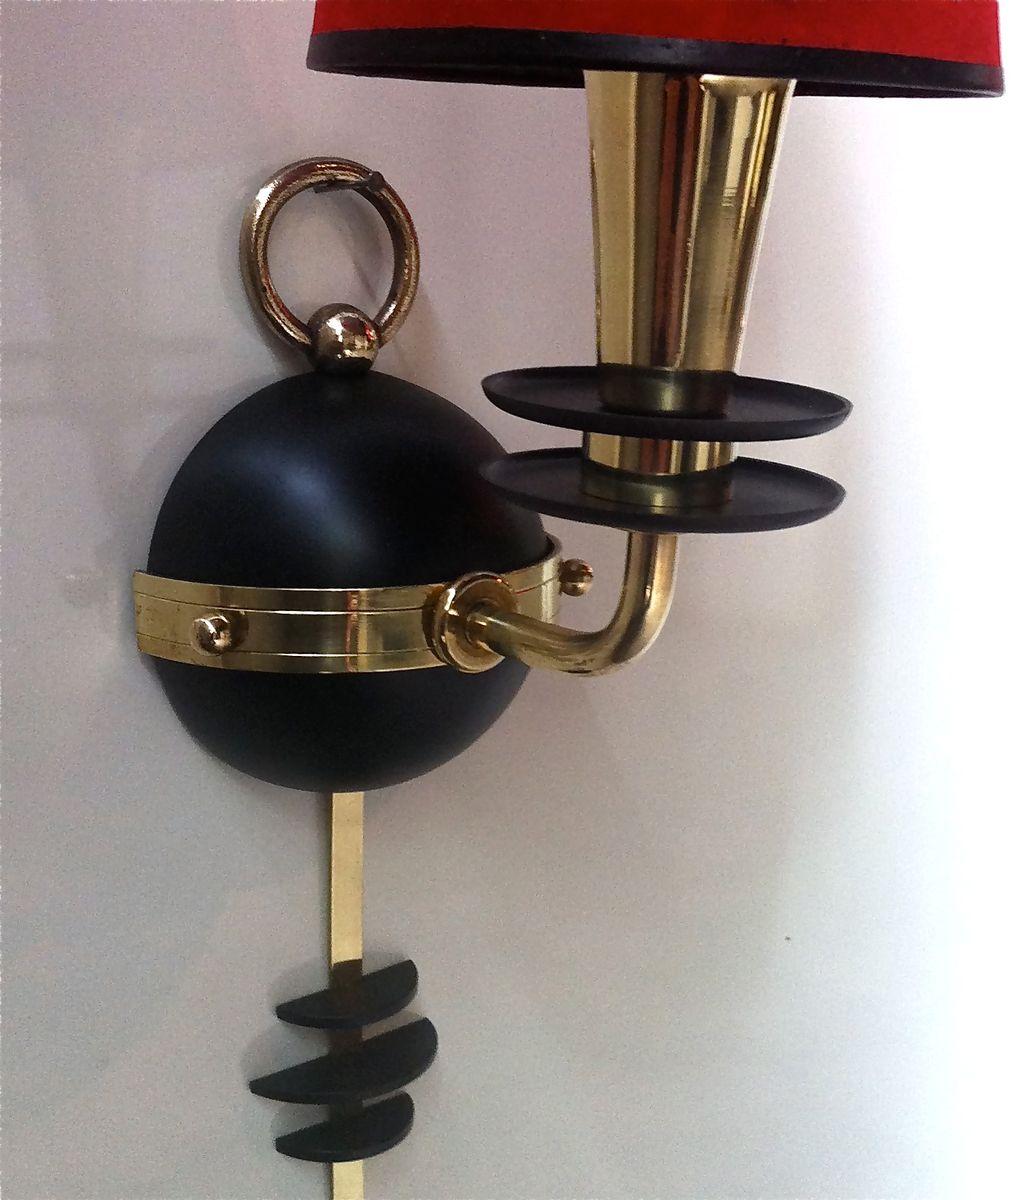 franz sische wandlampe mit lampenschirm aus rotem papier bei pamono kaufen. Black Bedroom Furniture Sets. Home Design Ideas